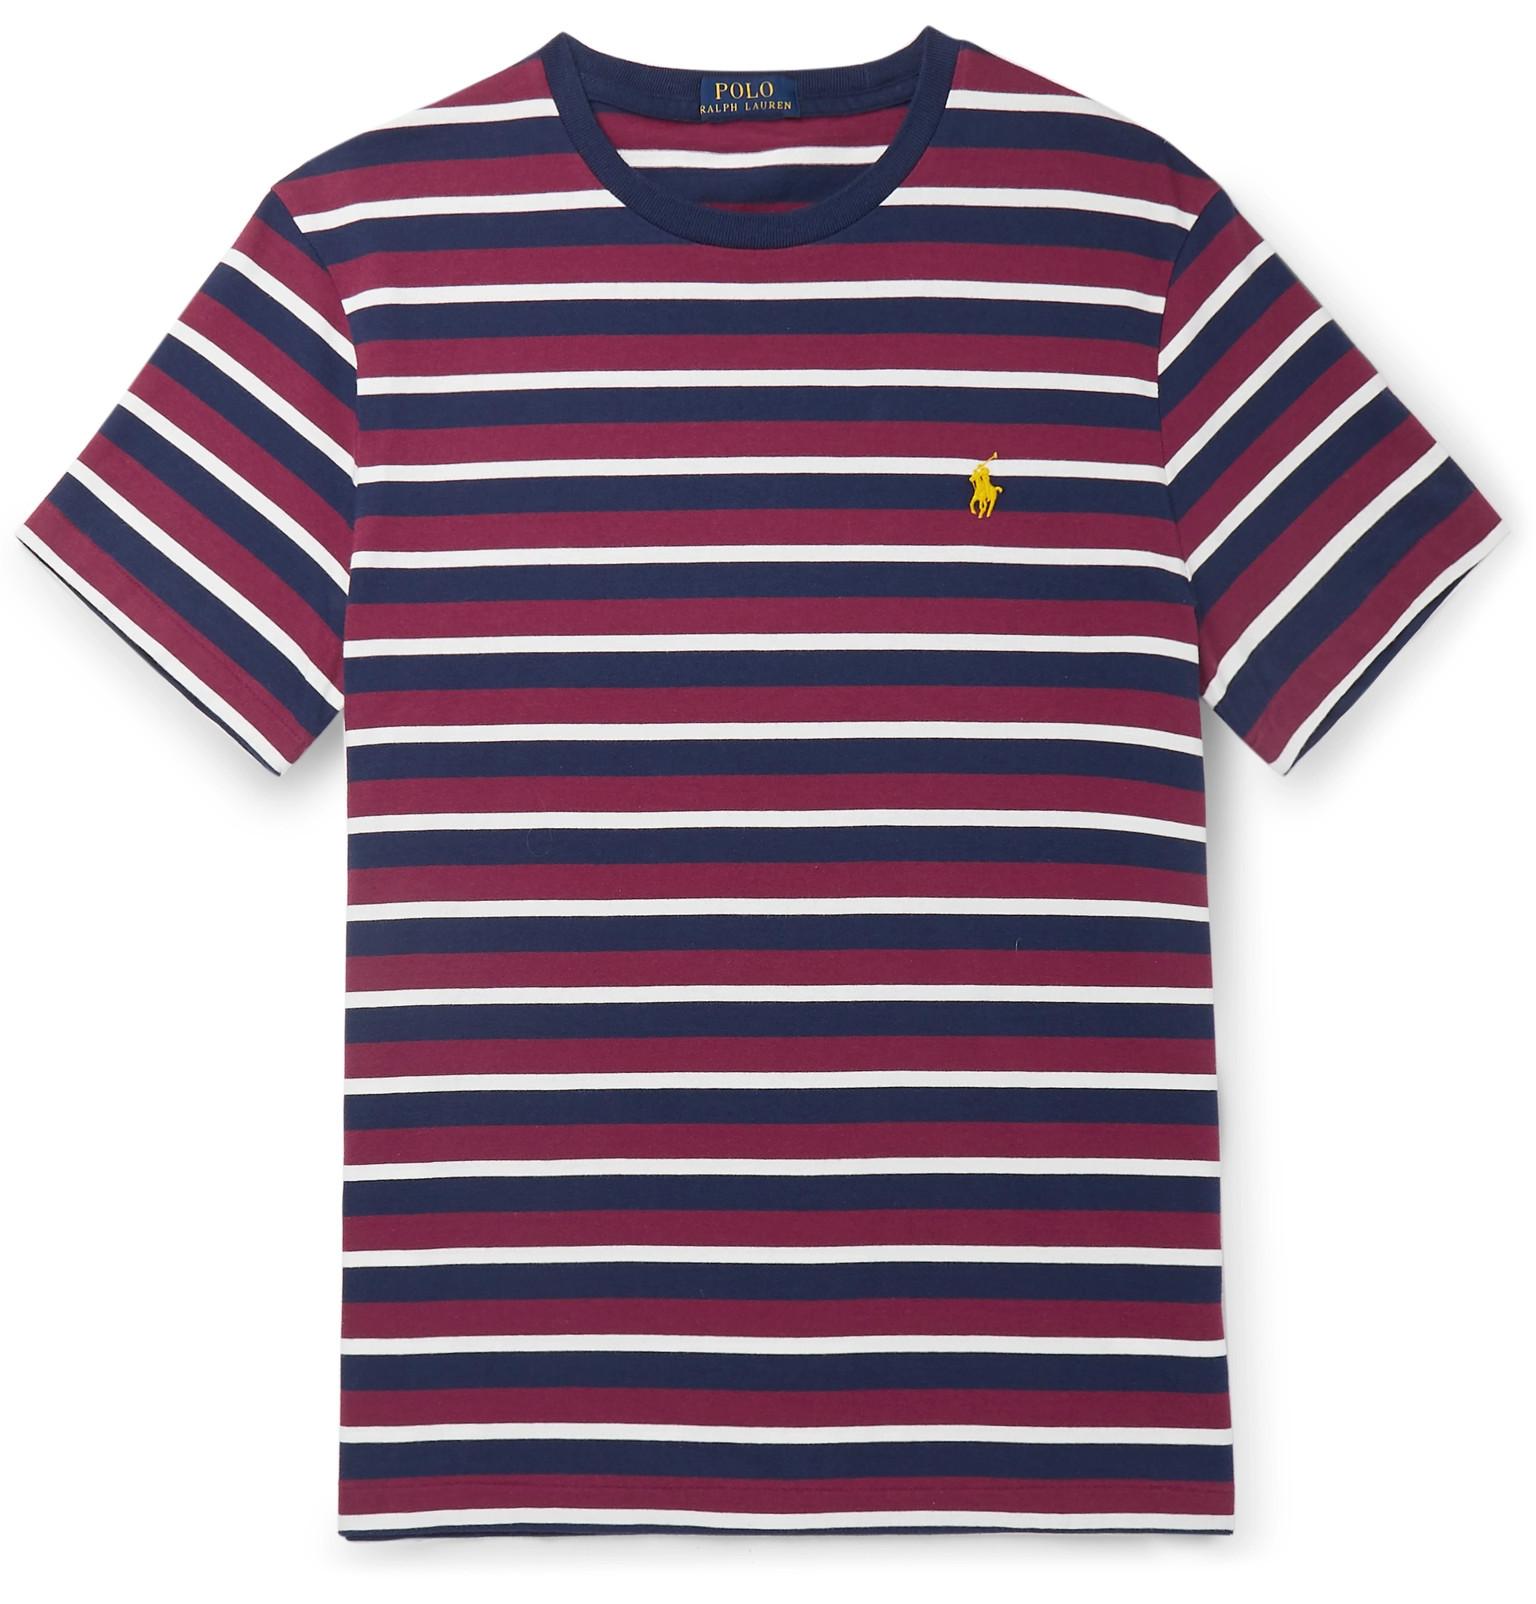 b6d37aa8f0 Polo Ralph Lauren - Slim-Fit Striped Cotton-Jersey T-Shirt